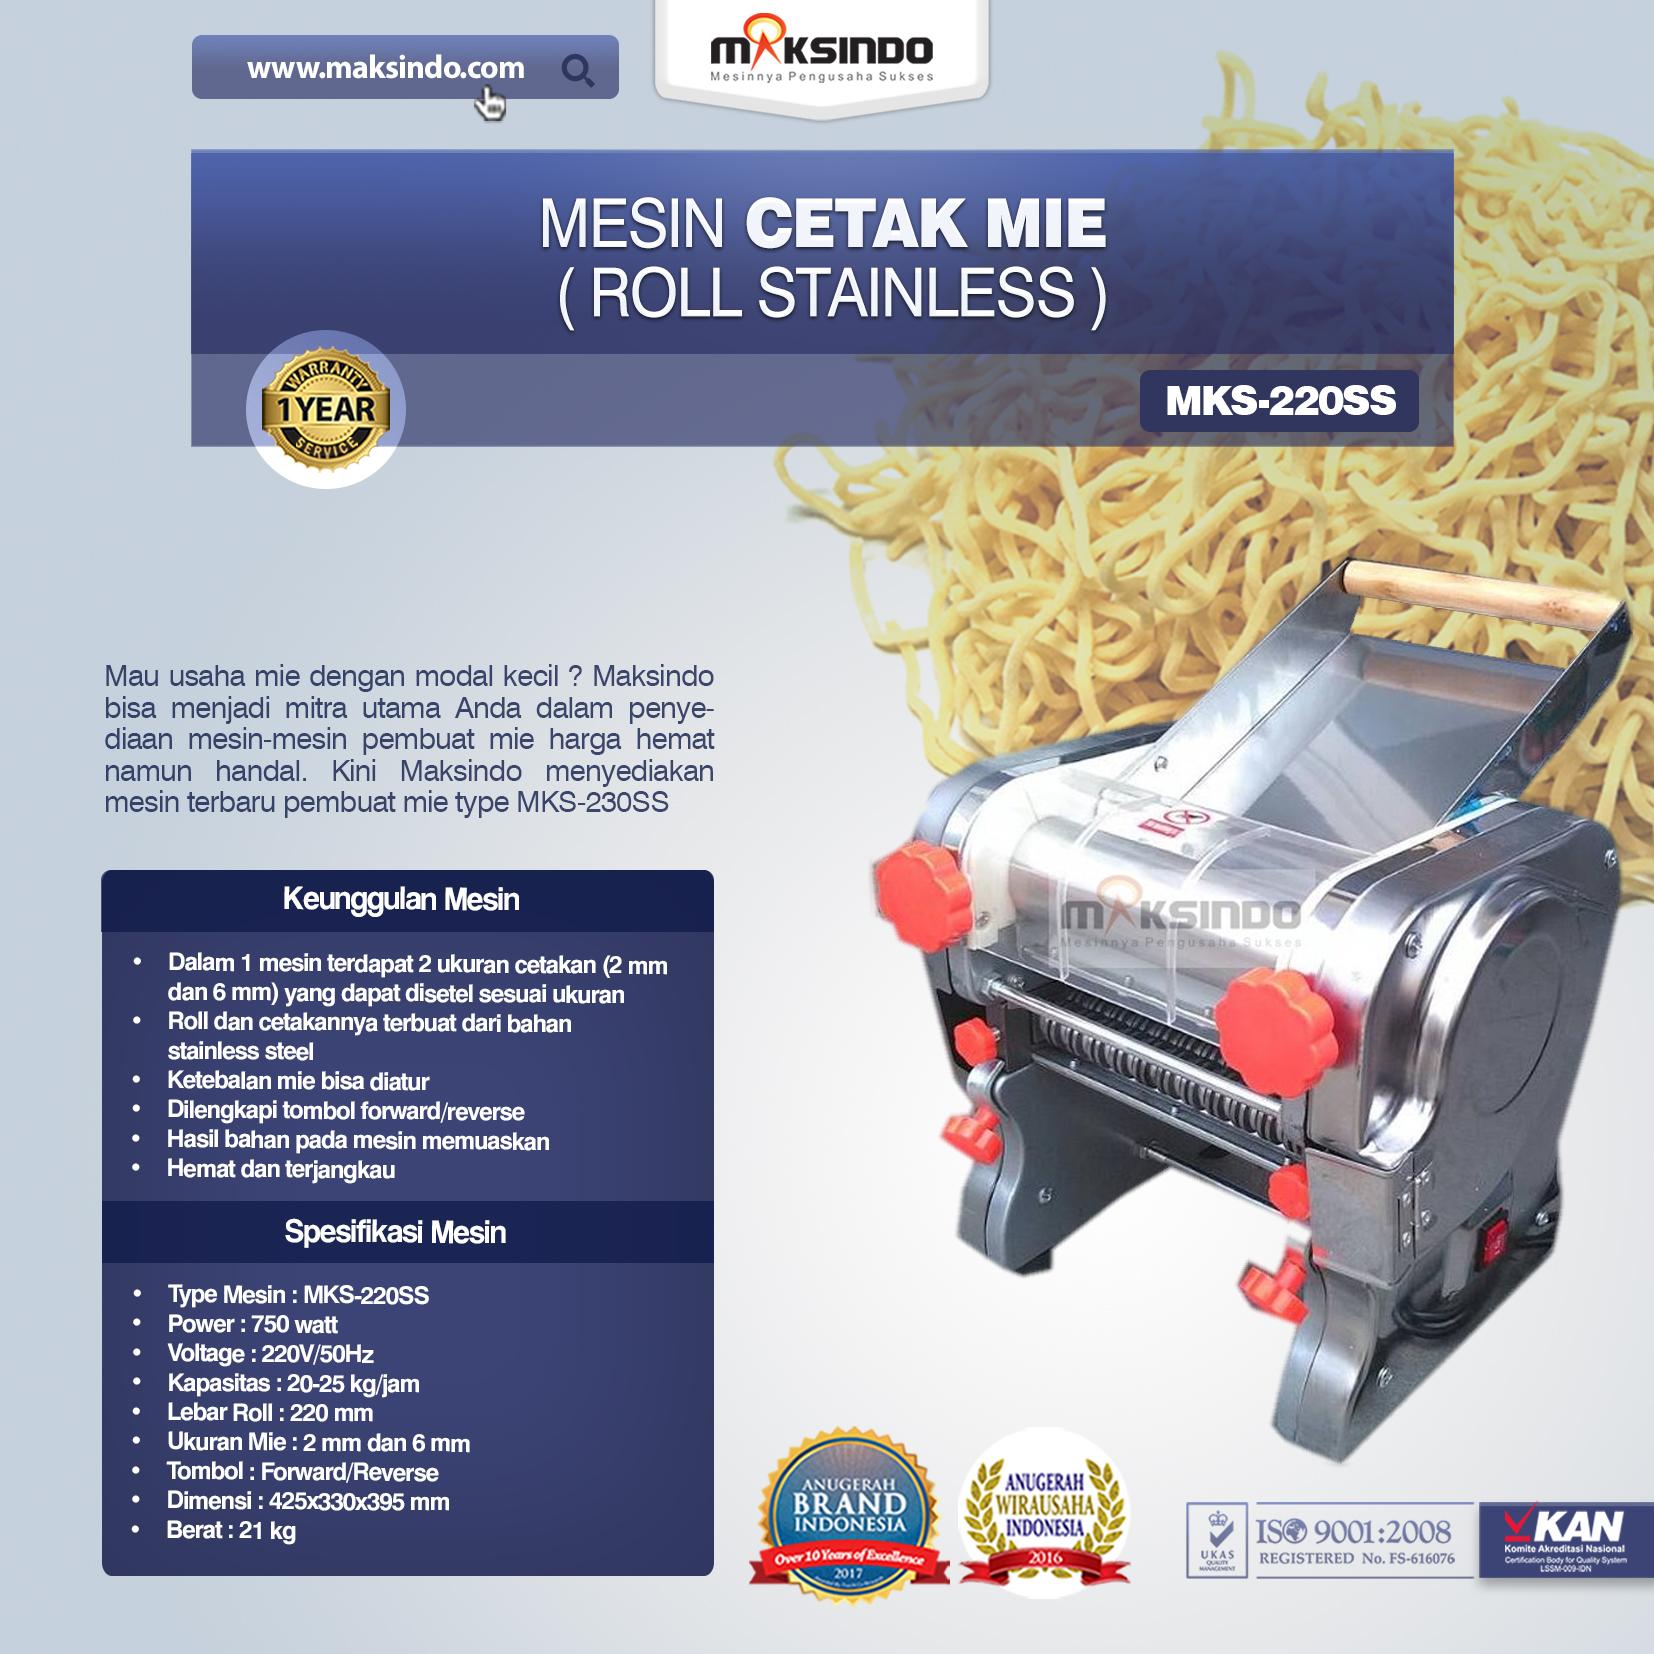 Jual Mesin Cetak Mie MKS-220SS (Roll dan Moulding Stainless) di Pekanbaru